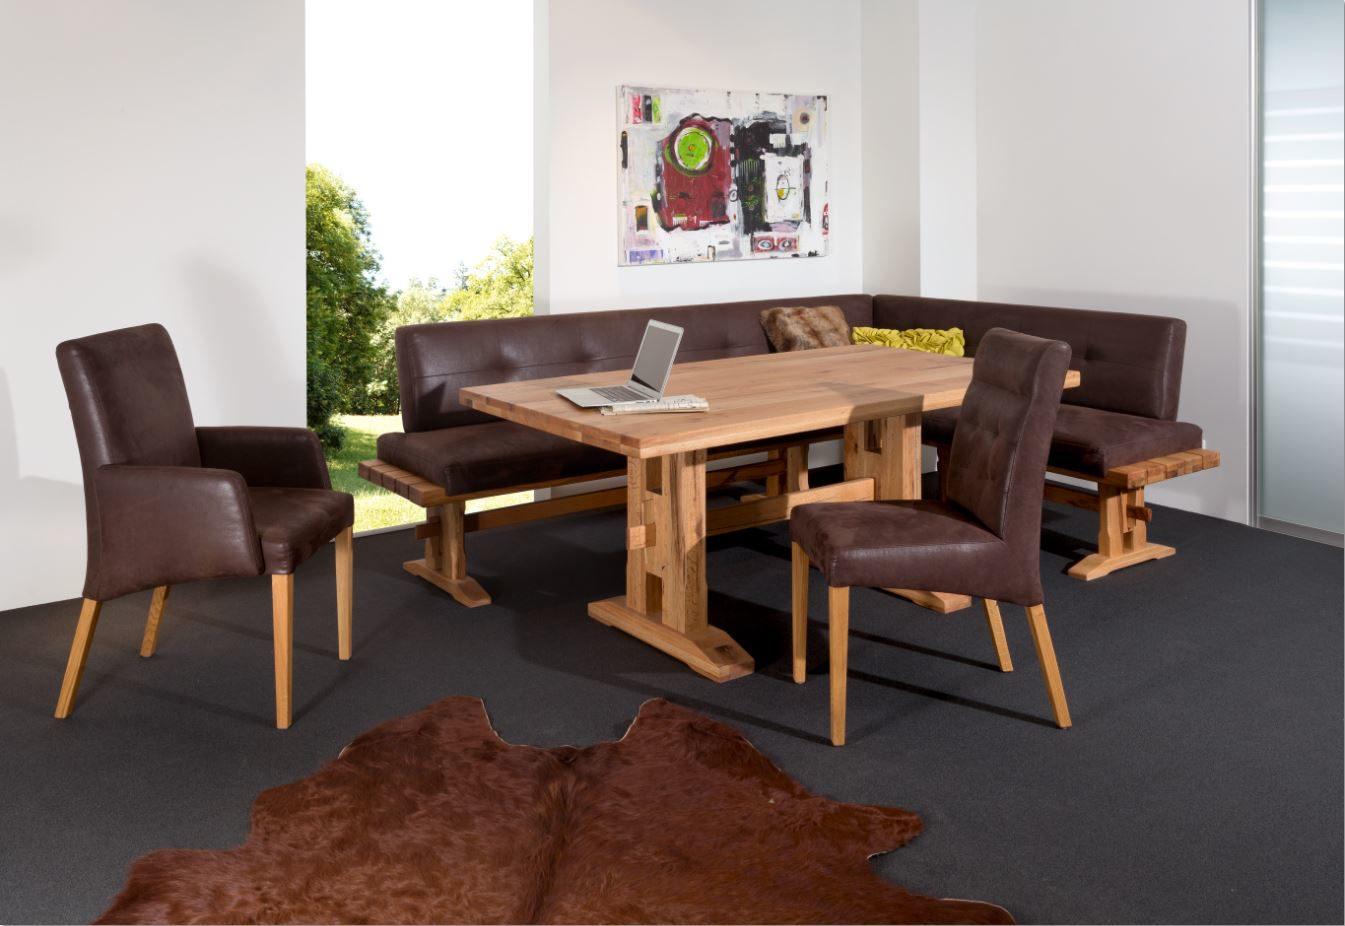 Trop Möbelabholmarkt GmbH, Räume, Küche, Tische, Eckbankgruppe,  Eckbankgruppe, In Sumpfeiche Massiv